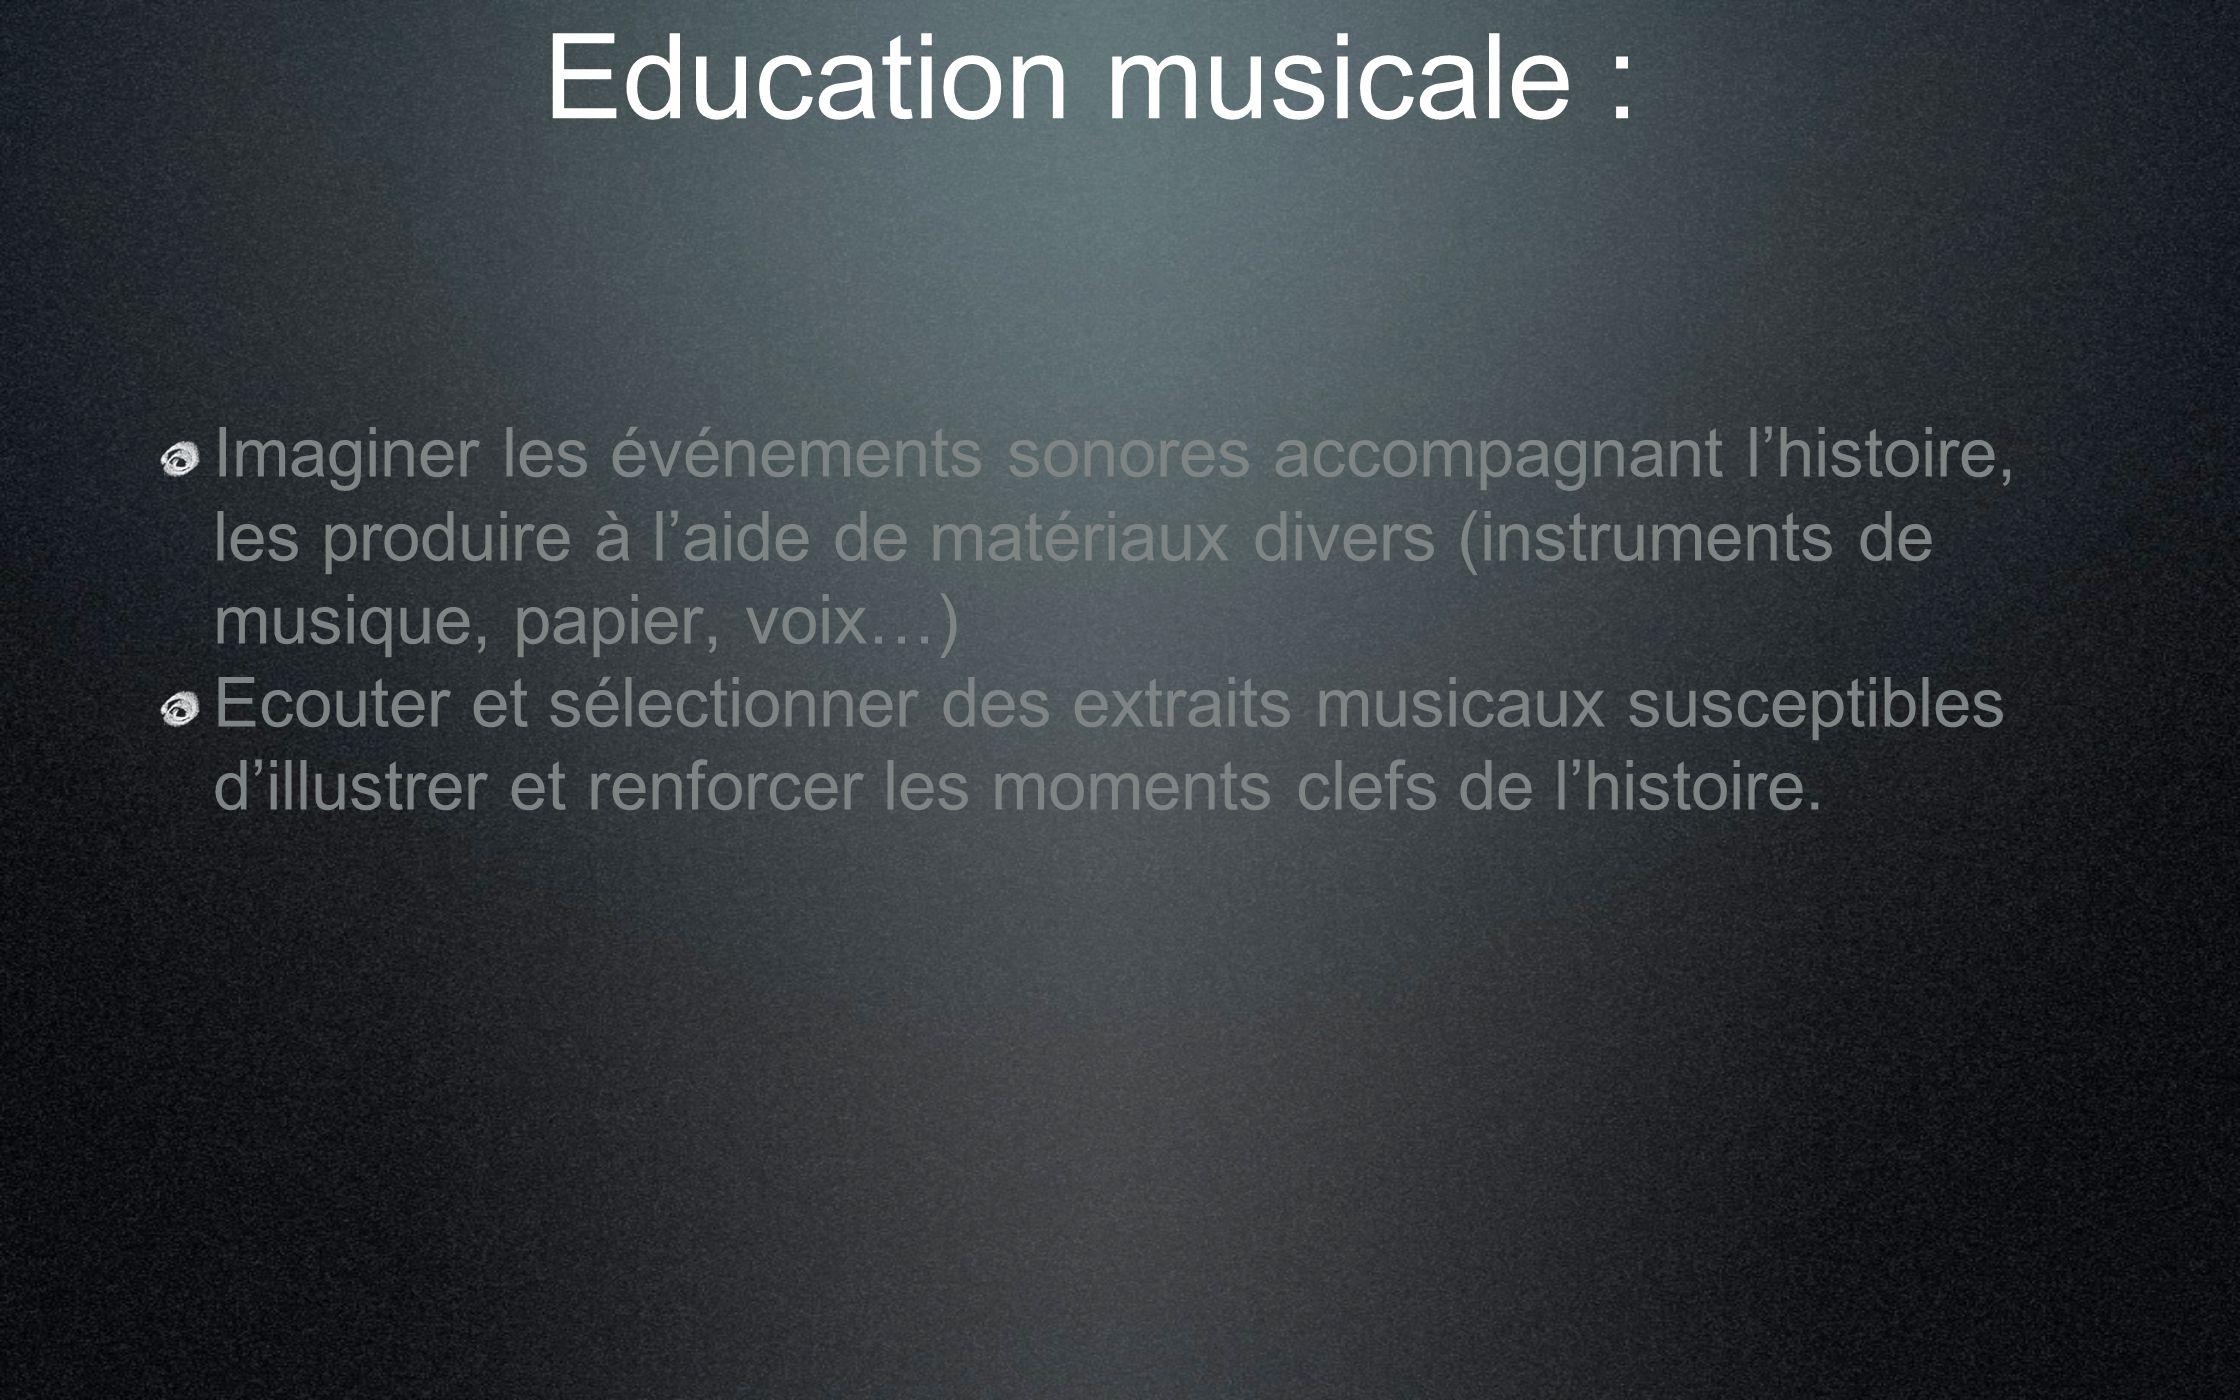 Education musicale : Imaginer les événements sonores accompagnant lhistoire, les produire à laide de matériaux divers (instruments de musique, papier,